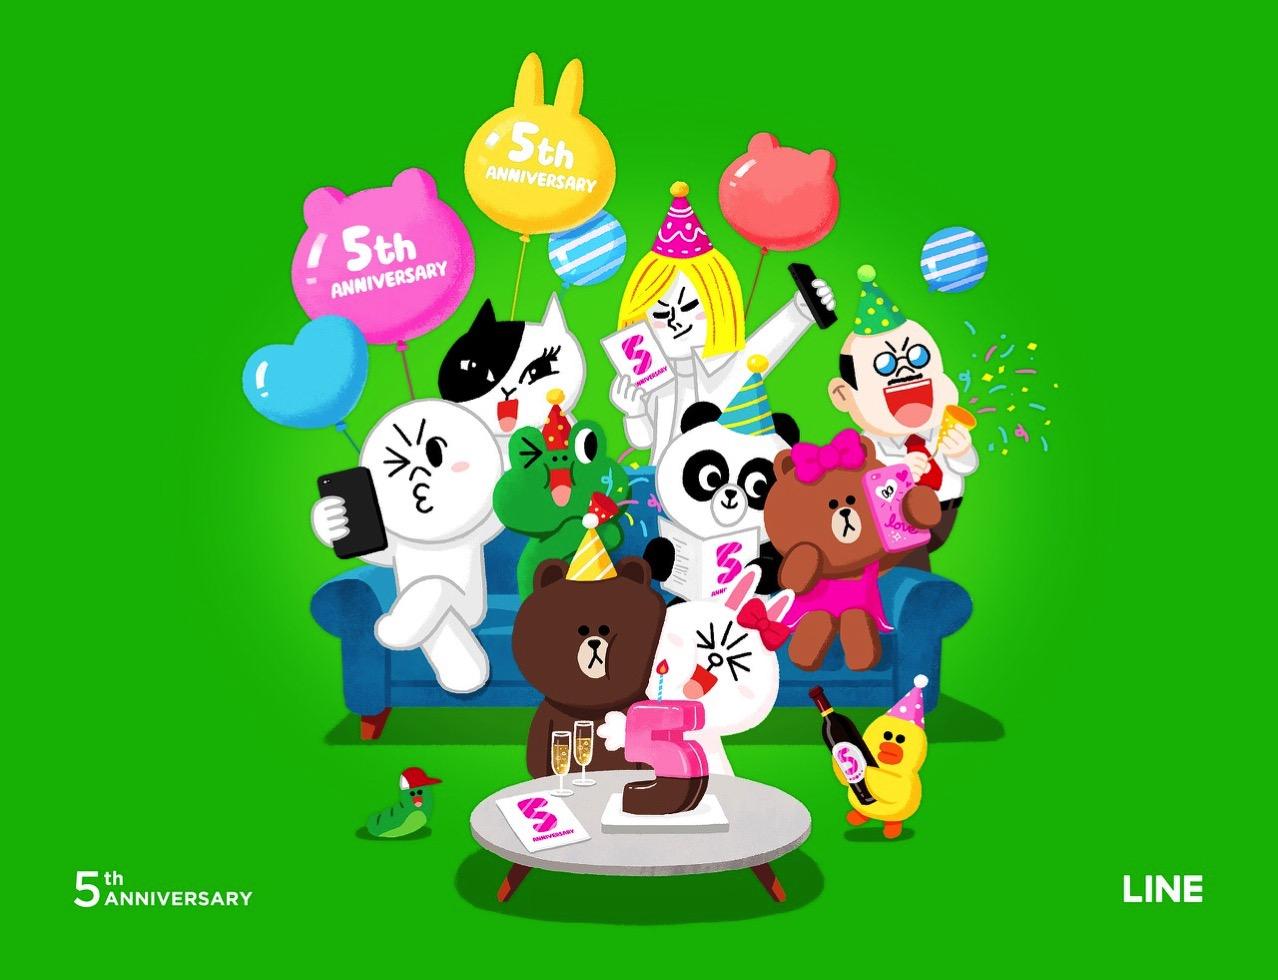 「LINE」6月23日にサービス開始から5周年を迎える 〜記念してLINEキャラクタースタンプ50%OFF、LINE Out無料